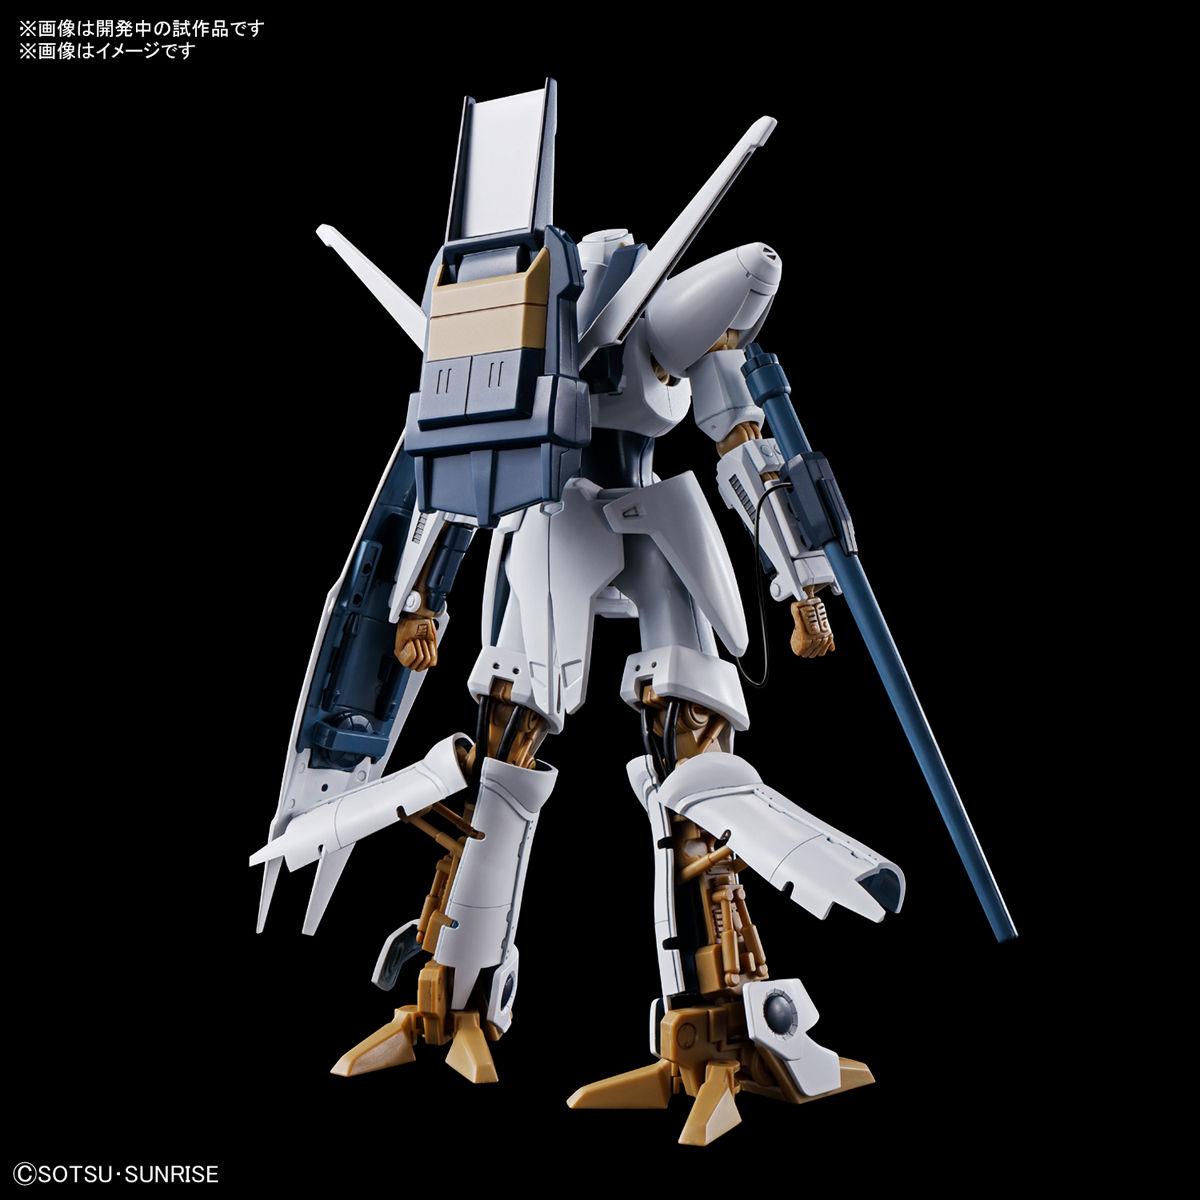 HG 1/144『エルガイム』重戦機エルガイム プラモデル-004